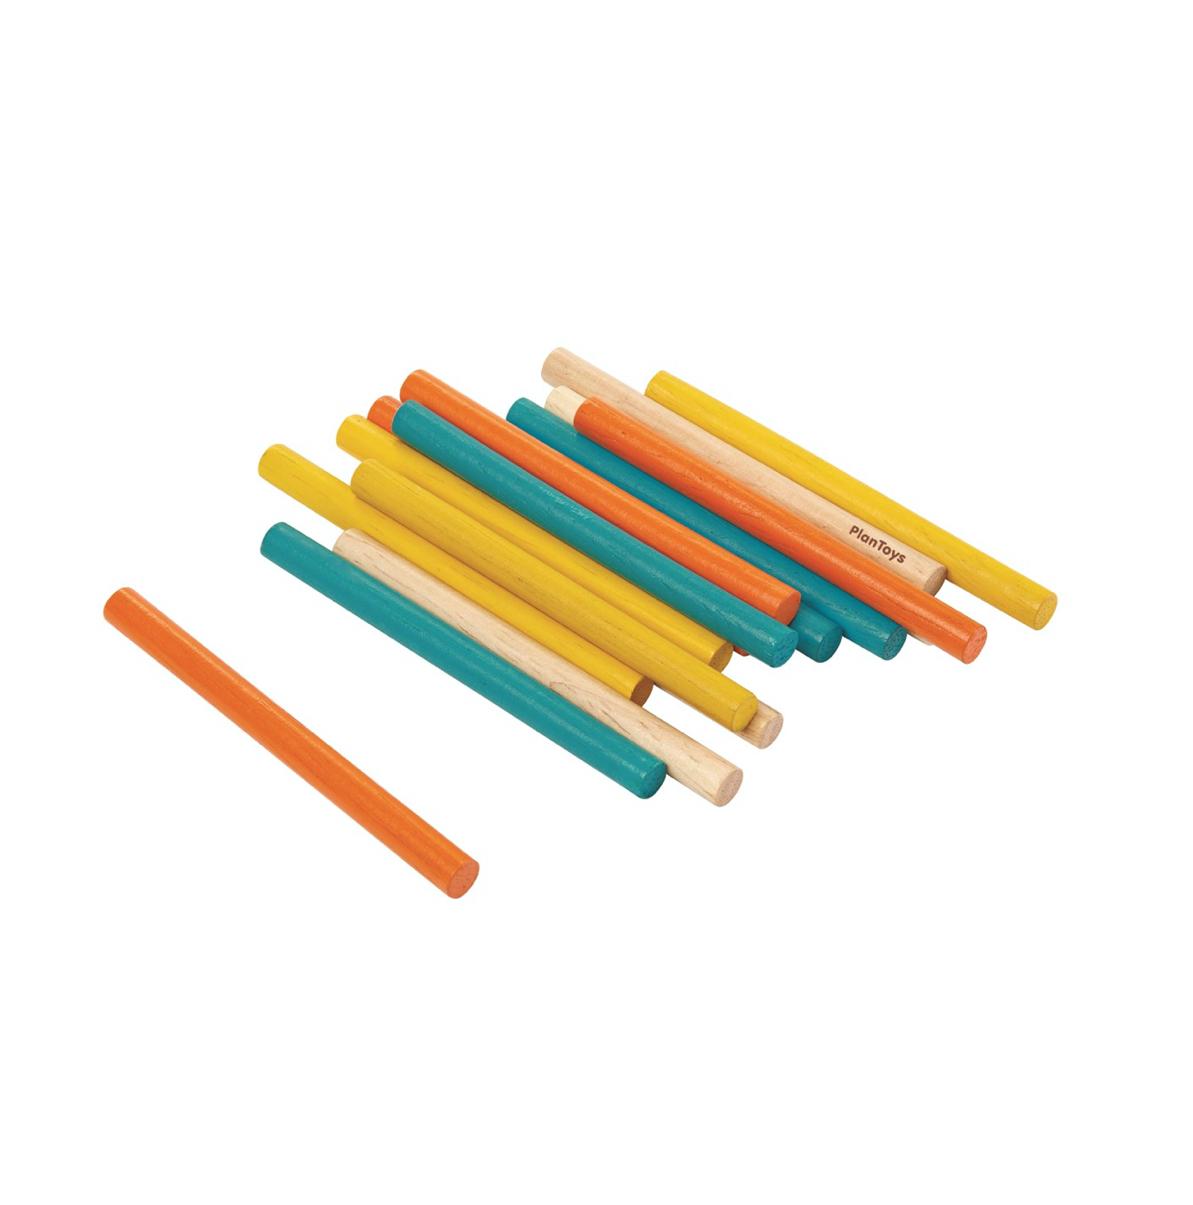 juego-de-habilidad-pick-up-sticks-plantoys-el-mundo-de-mico